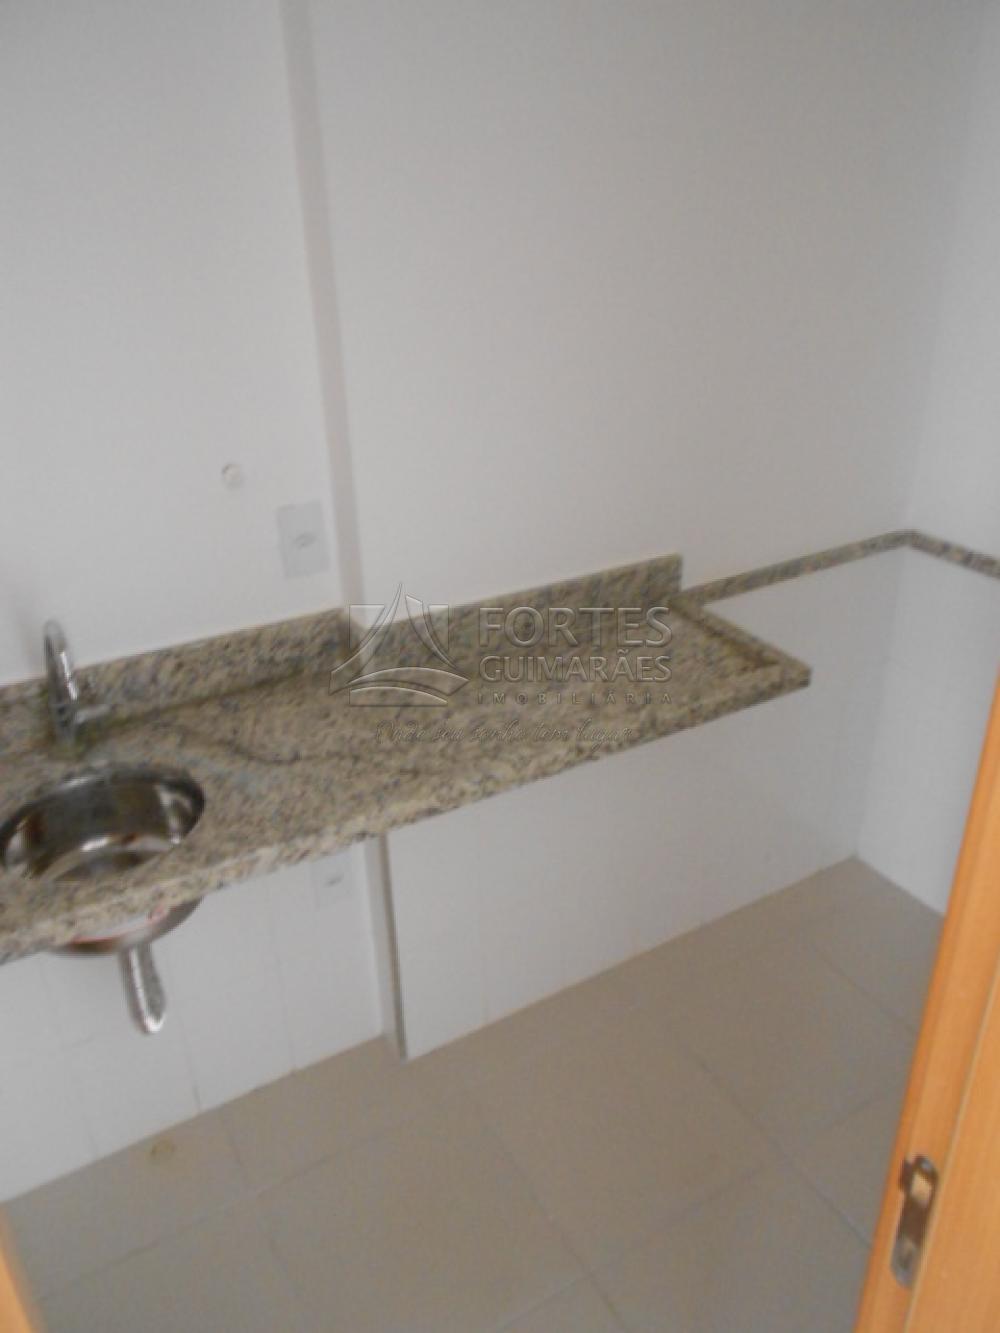 Alugar Comercial / Sala em Ribeirão Preto apenas R$ 950,00 - Foto 5